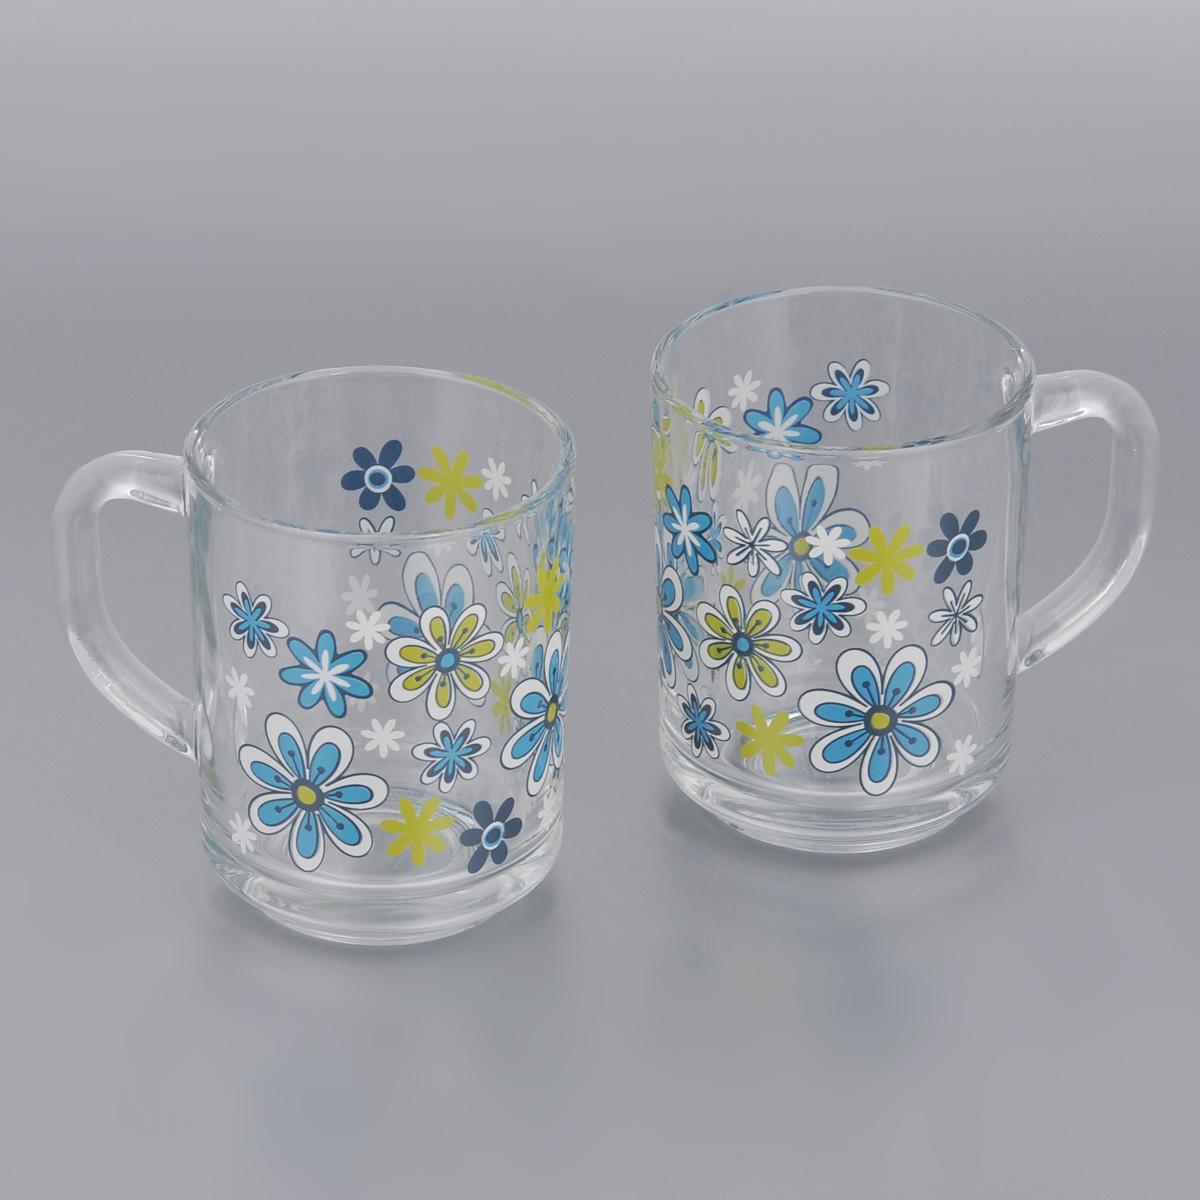 Набор кружек Pasabahce Workshop Голубые цветы, 250 мл, 2 шт55029B/D5Набор Pasabahce Workshop Голубые цветы состоит из двух кружек с удобными ручками, выполненных из прочного натрий-кальций-силикатного стекла. Кружки декорированы ярким изображением цветов. Изделия хорошо удерживают тепло, не нагреваются. На них не выгорает и не вымывается рисунок. Посуда Pasabahce Workshop будет радовать вас яркими, интересными рисунками и качеством изготовления. Не рекомендуется мыть в посудомоечных машинах и использовать в микроволновых печах. Диаметр кружки по верхнему краю: 7 см. Высота кружки: 8,5 см.